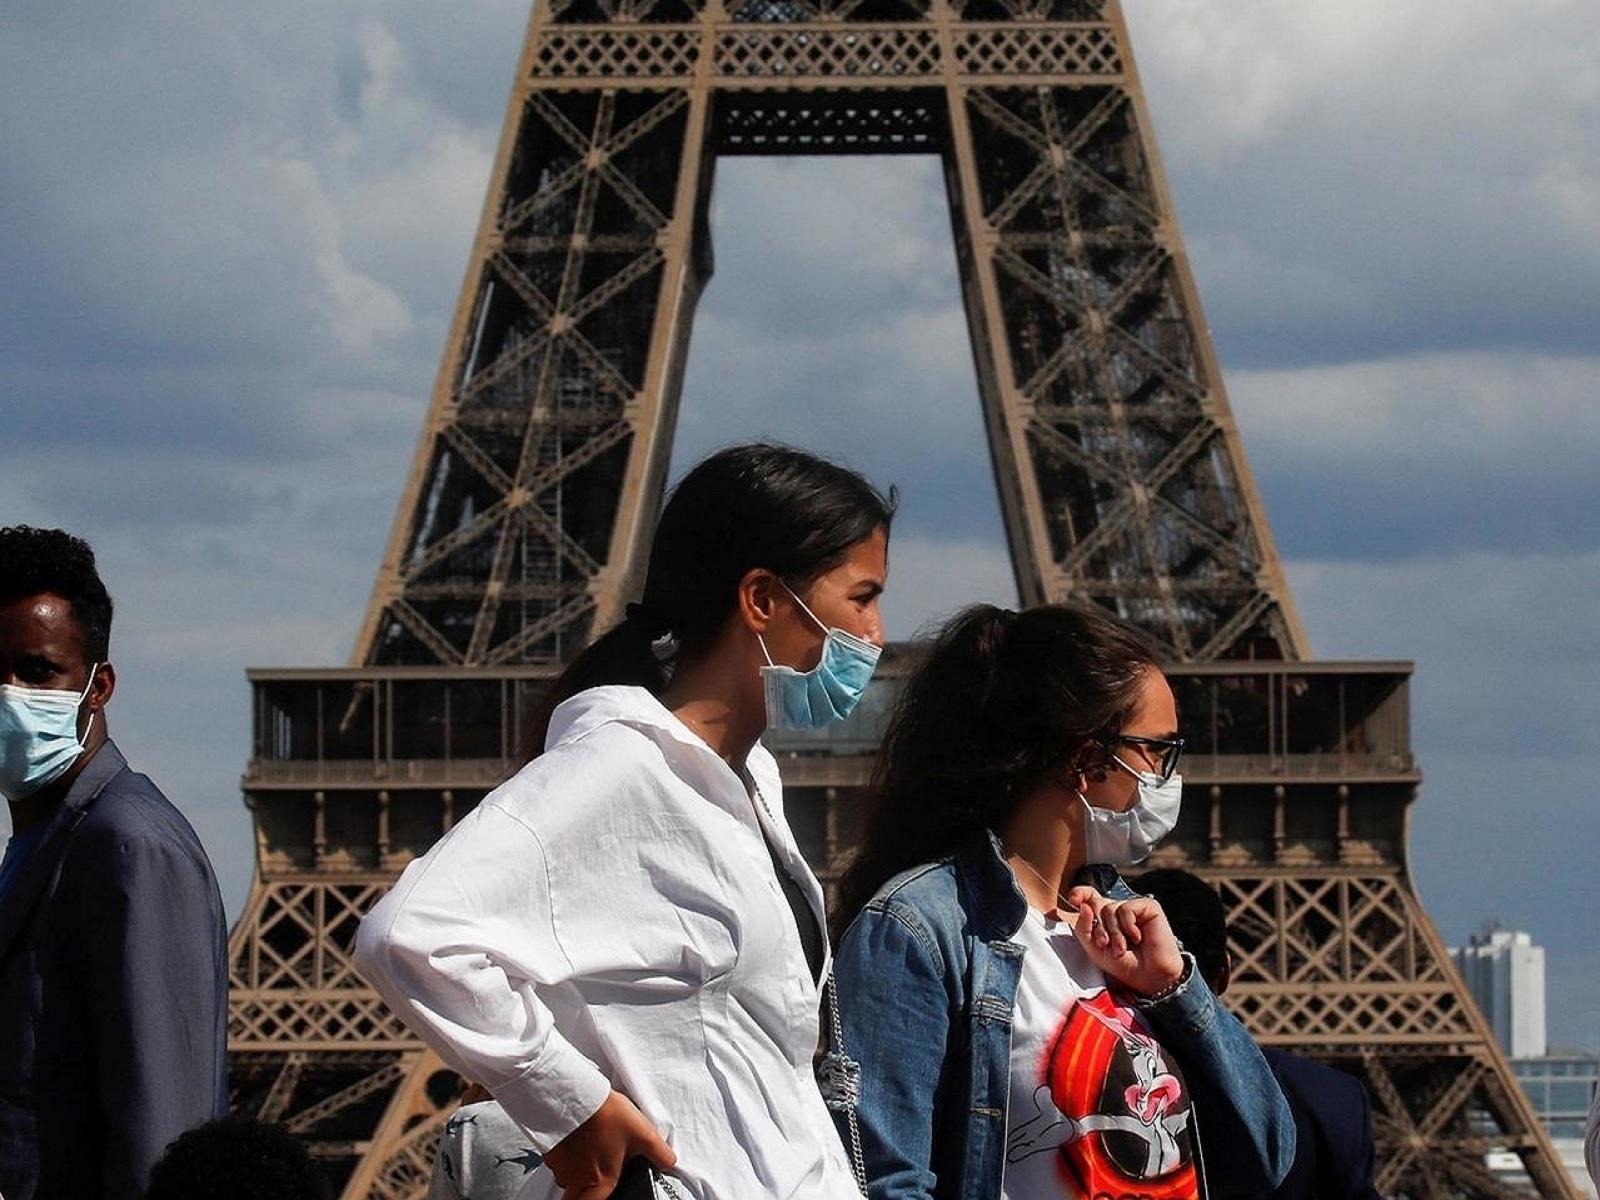 Γαλλία κορωνοϊός καραντίνα: Σε κατάσταση έκτακτης ανάγκης